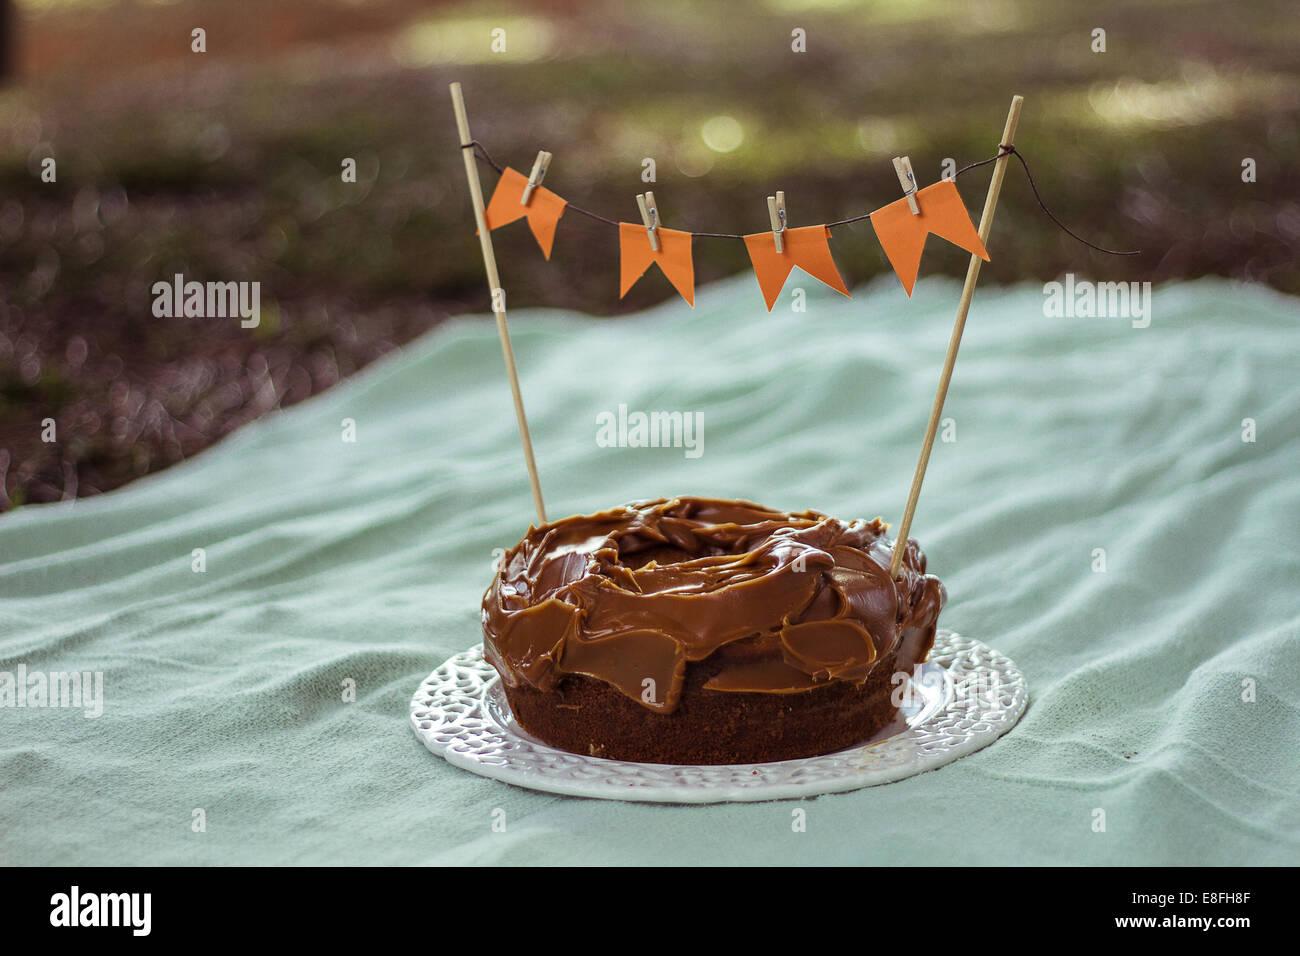 Gâteau d'anniversaire décorée de drapeaux Photo Stock